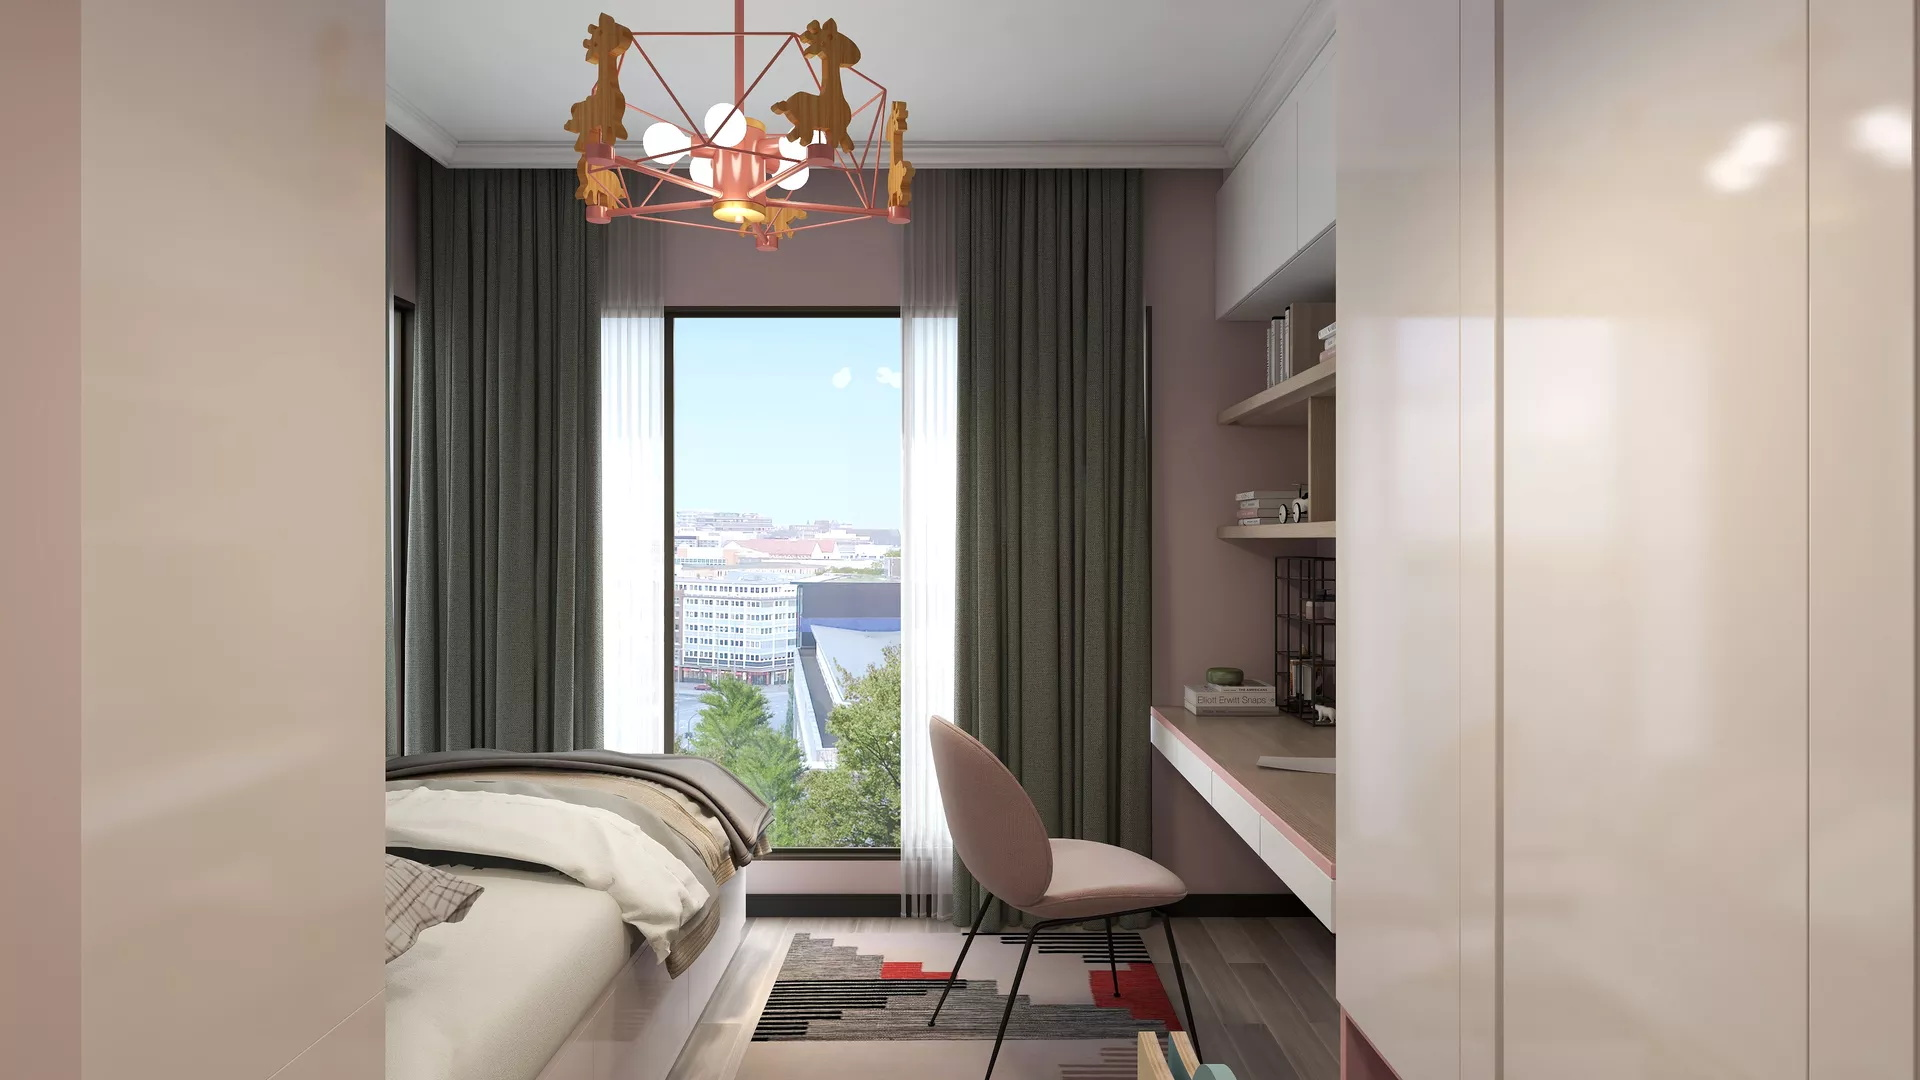 小卧室如何设计才可以有大格局的效果呢?